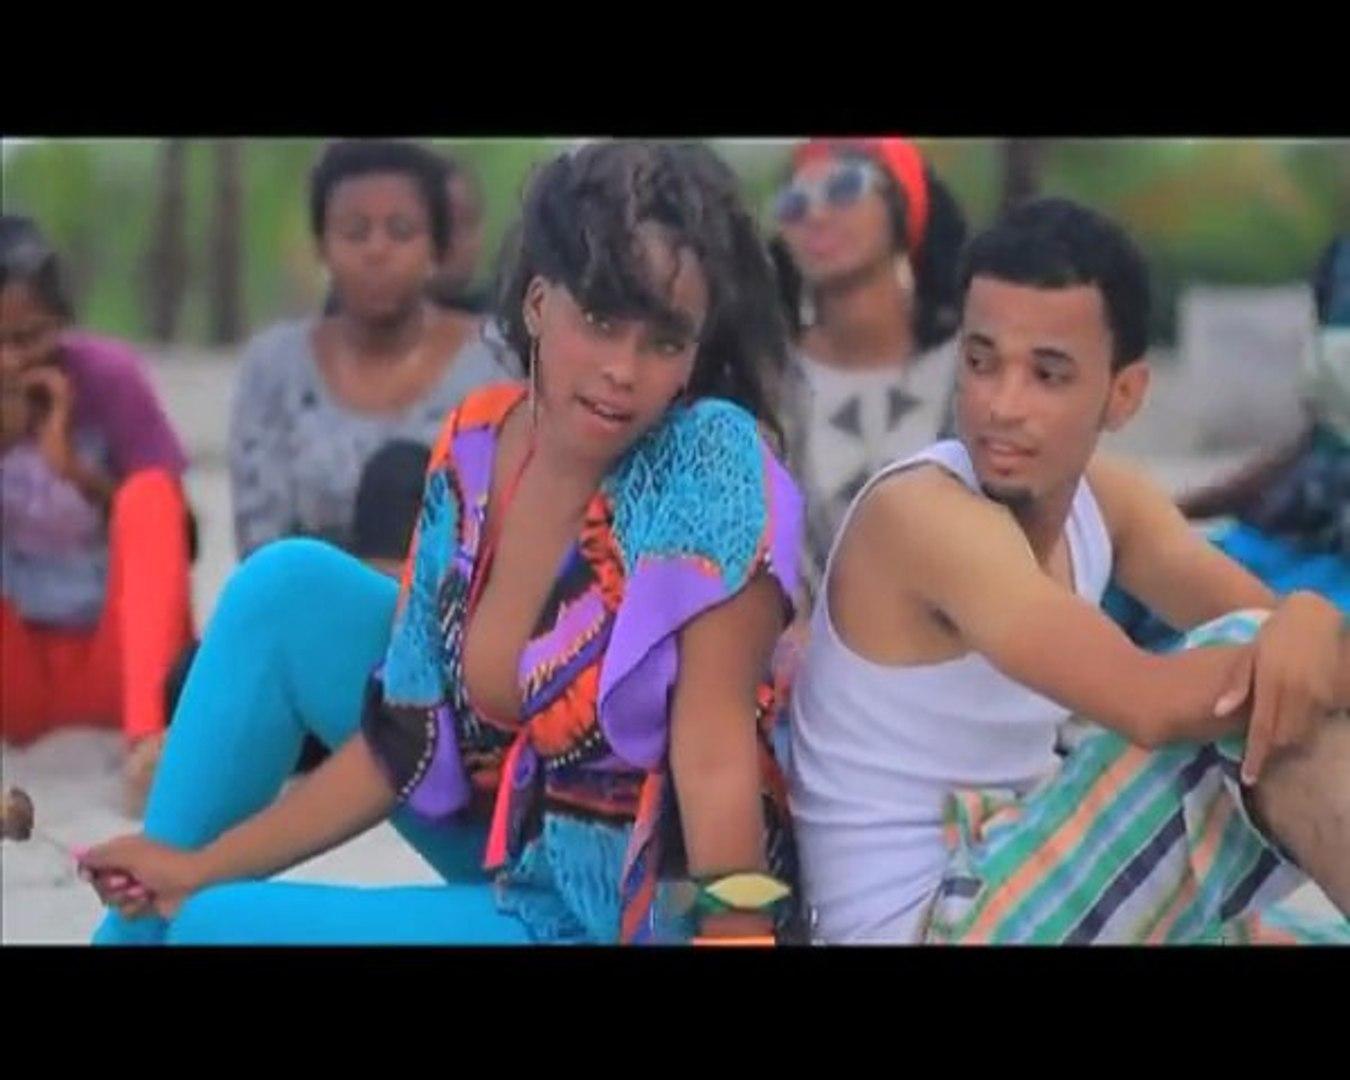 Offside Trick ft. Baby J * Usinipe * Zanzibar ° Tanzania